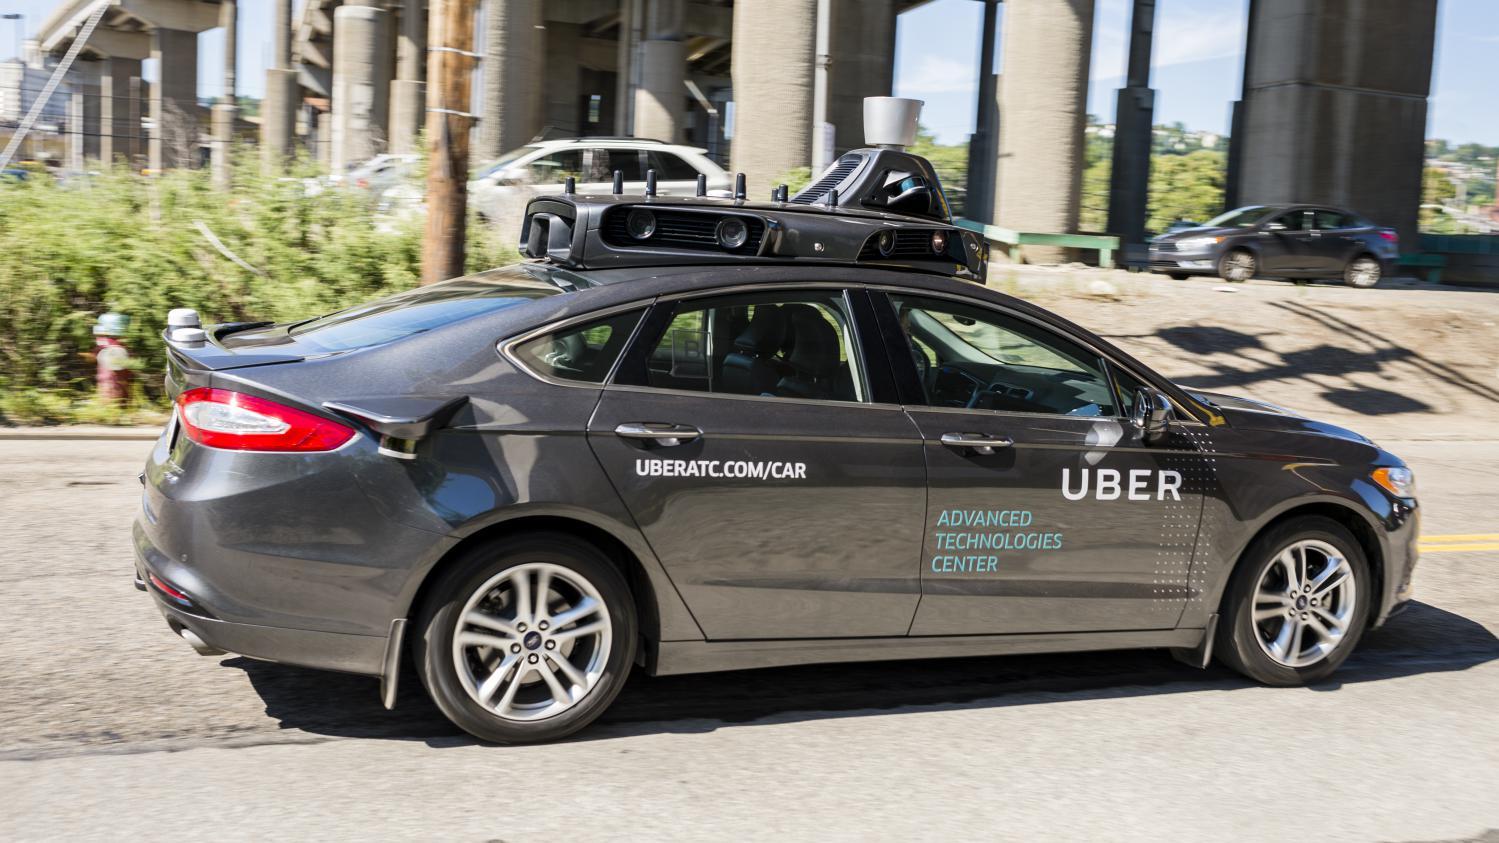 une voiture autonome d uber victime d un accident spectaculaire en arizona. Black Bedroom Furniture Sets. Home Design Ideas